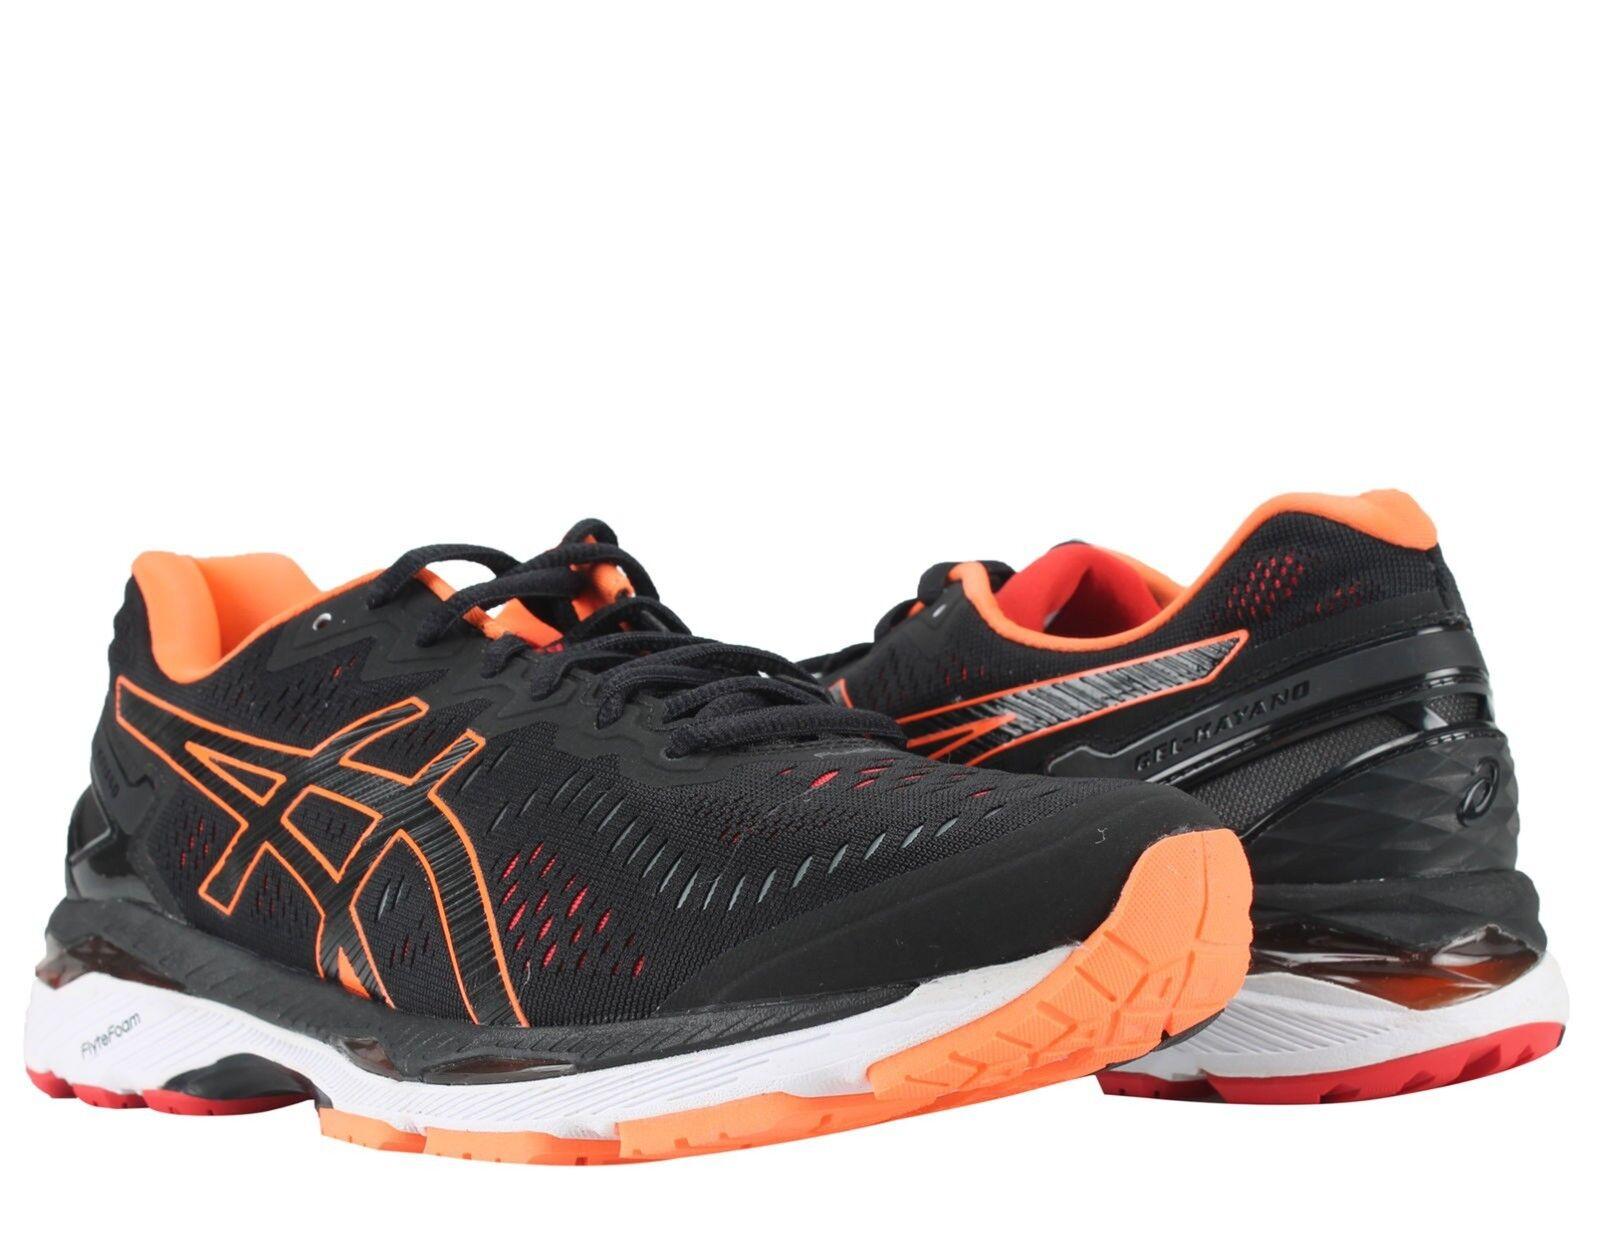 Asics Gel-Kayano 23 Black/Hot Orange/Vermilion Men's Running Shoes T646N-9030